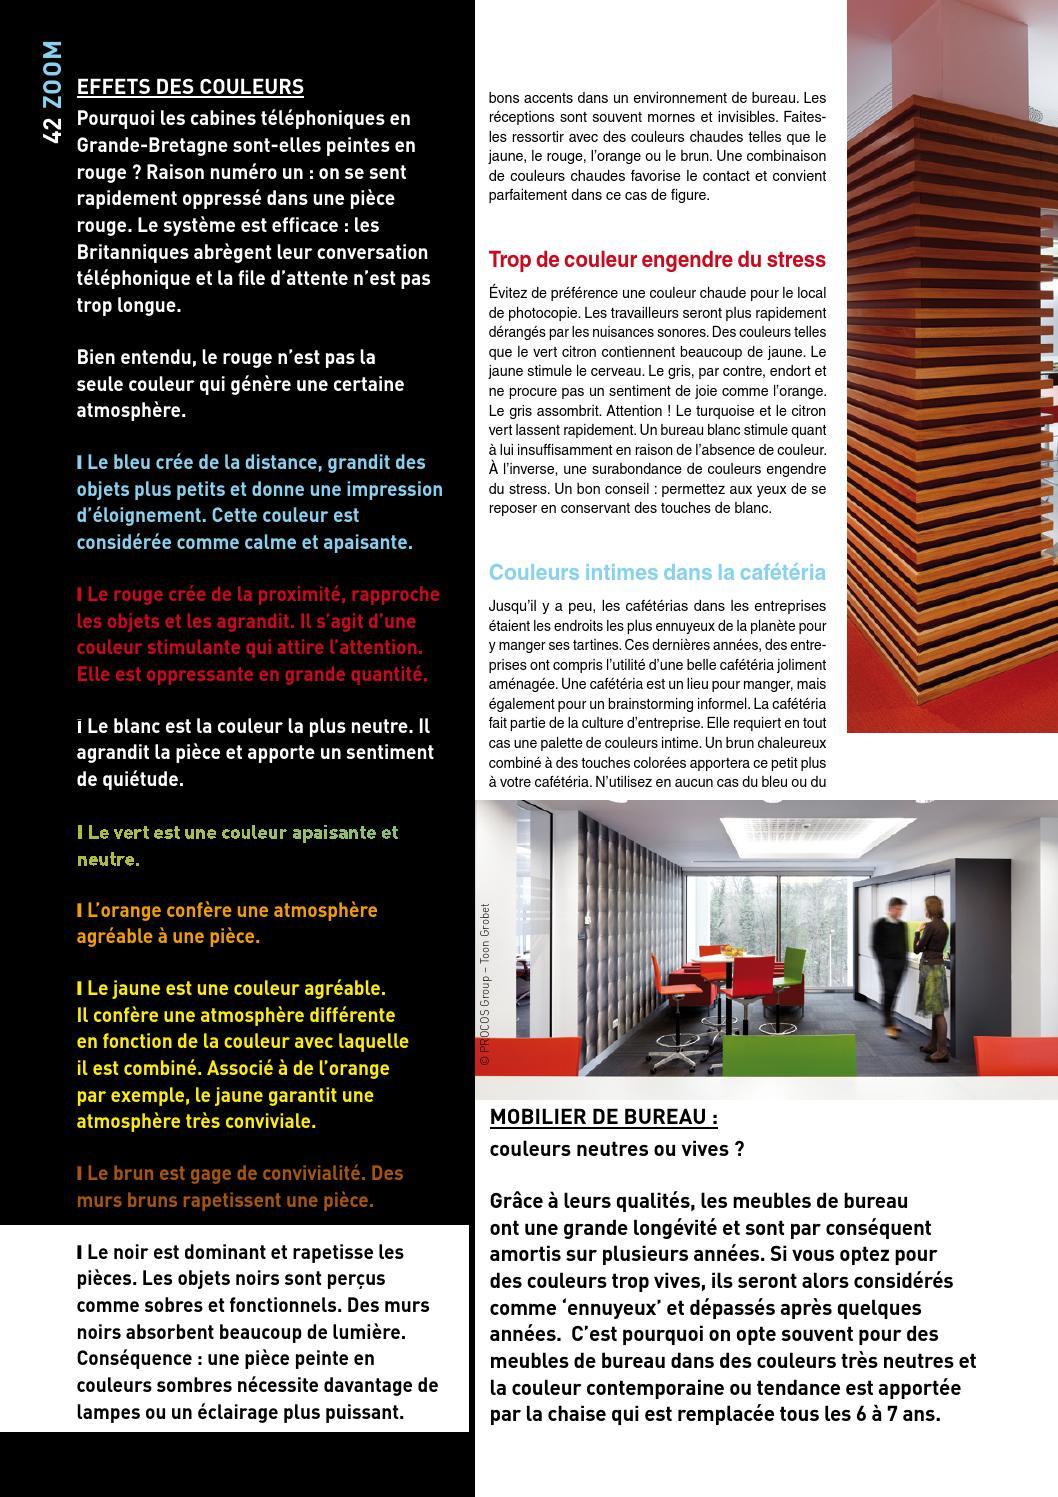 Couleur Apaisante Pour Bureau focus archi be fr n°07eurobest products - issuu